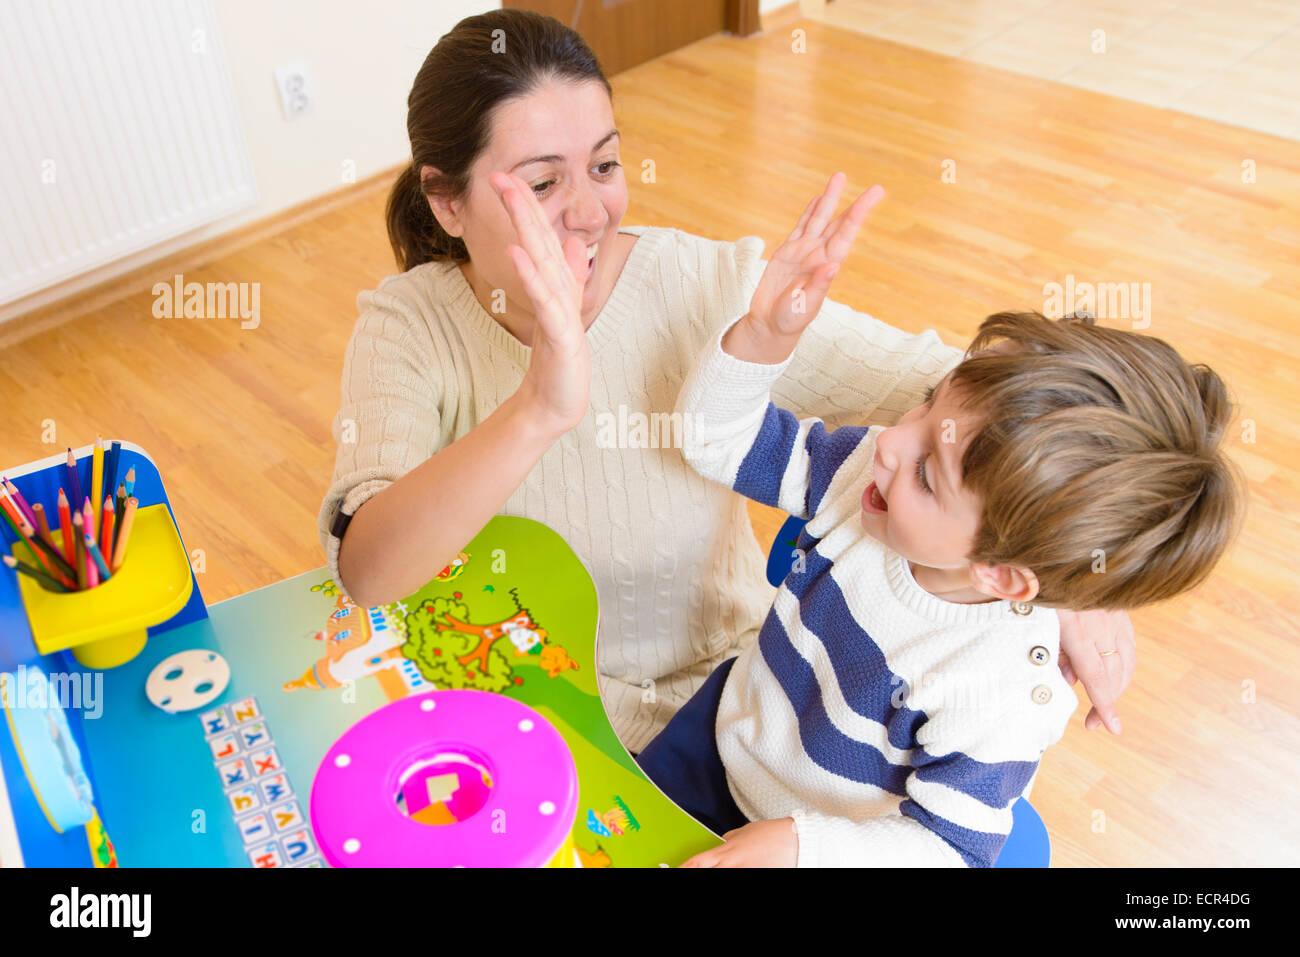 Madre jugando con su hijo cierta creatividad juego y animándole Foto de stock